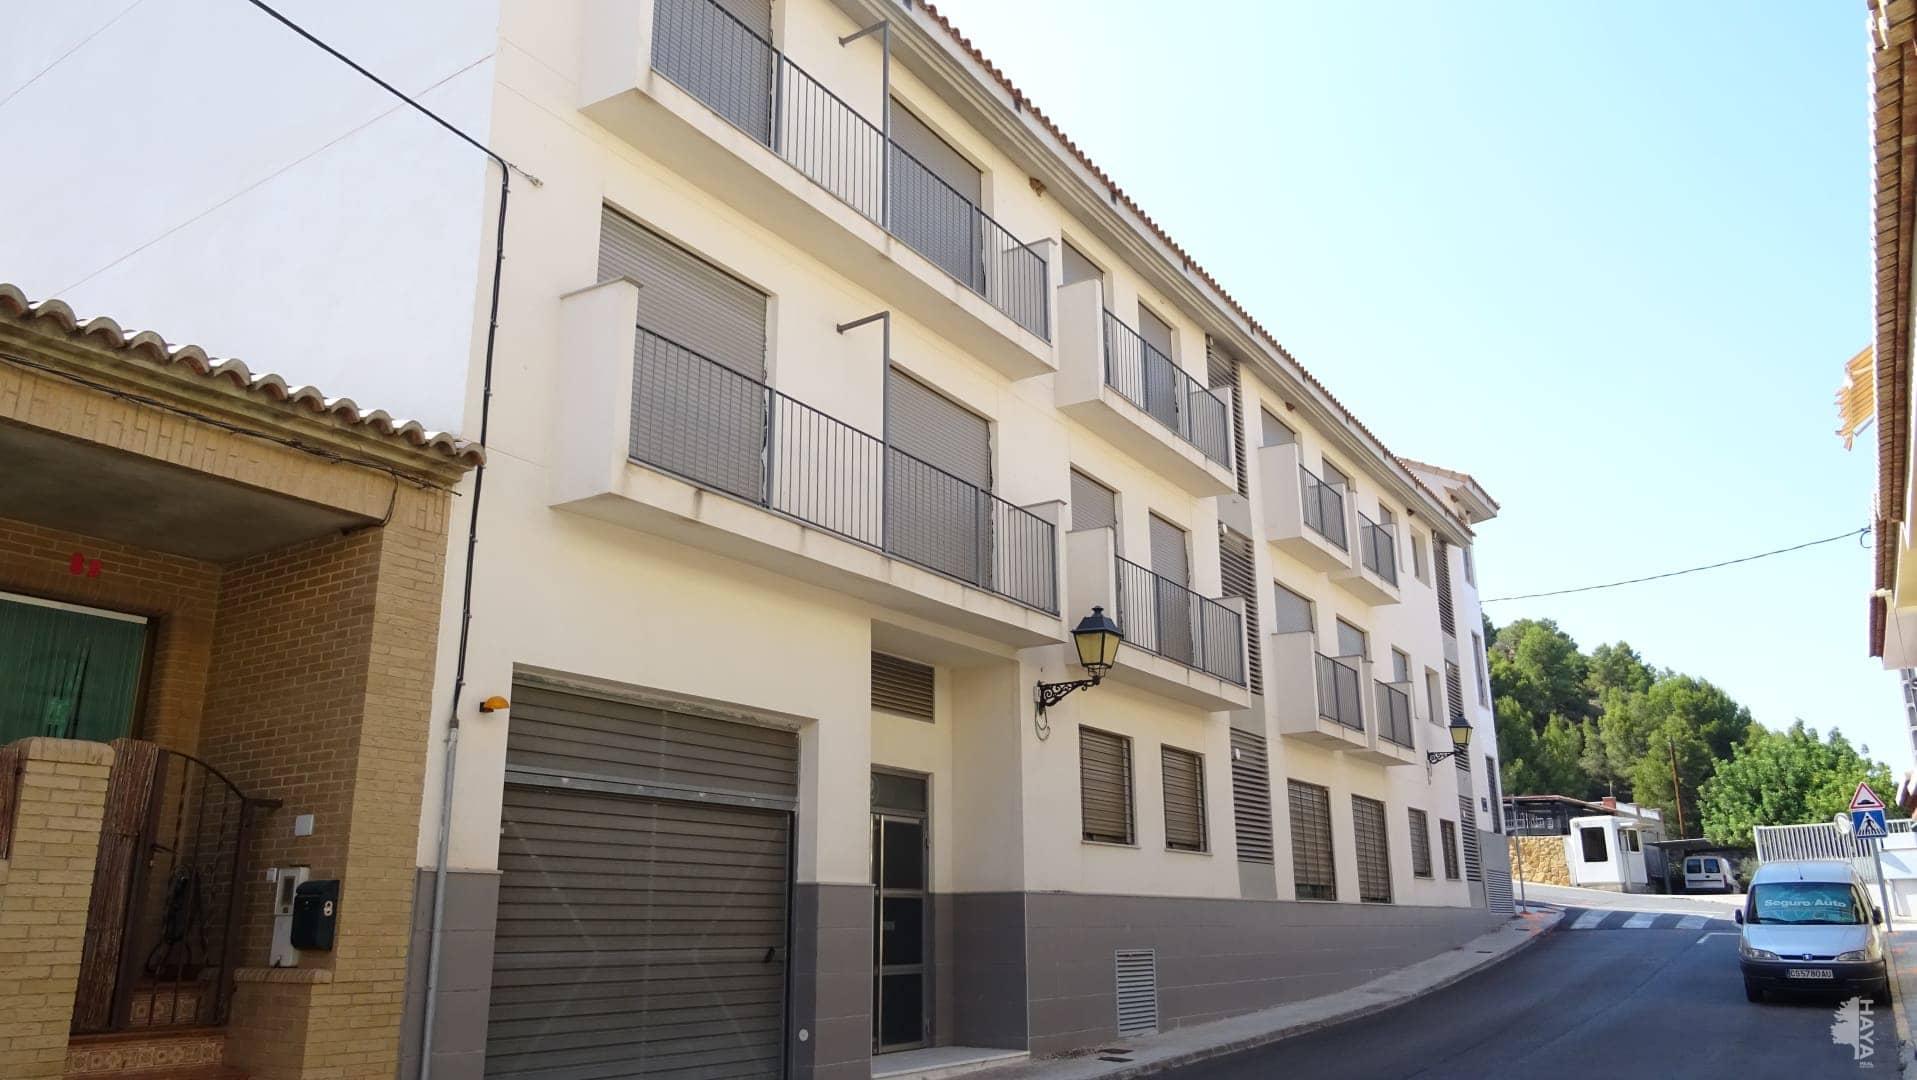 Piso en venta en Gilet, Gilet, Valencia, Calle Sagunt, 90.000 €, 2 habitaciones, 2 baños, 69 m2